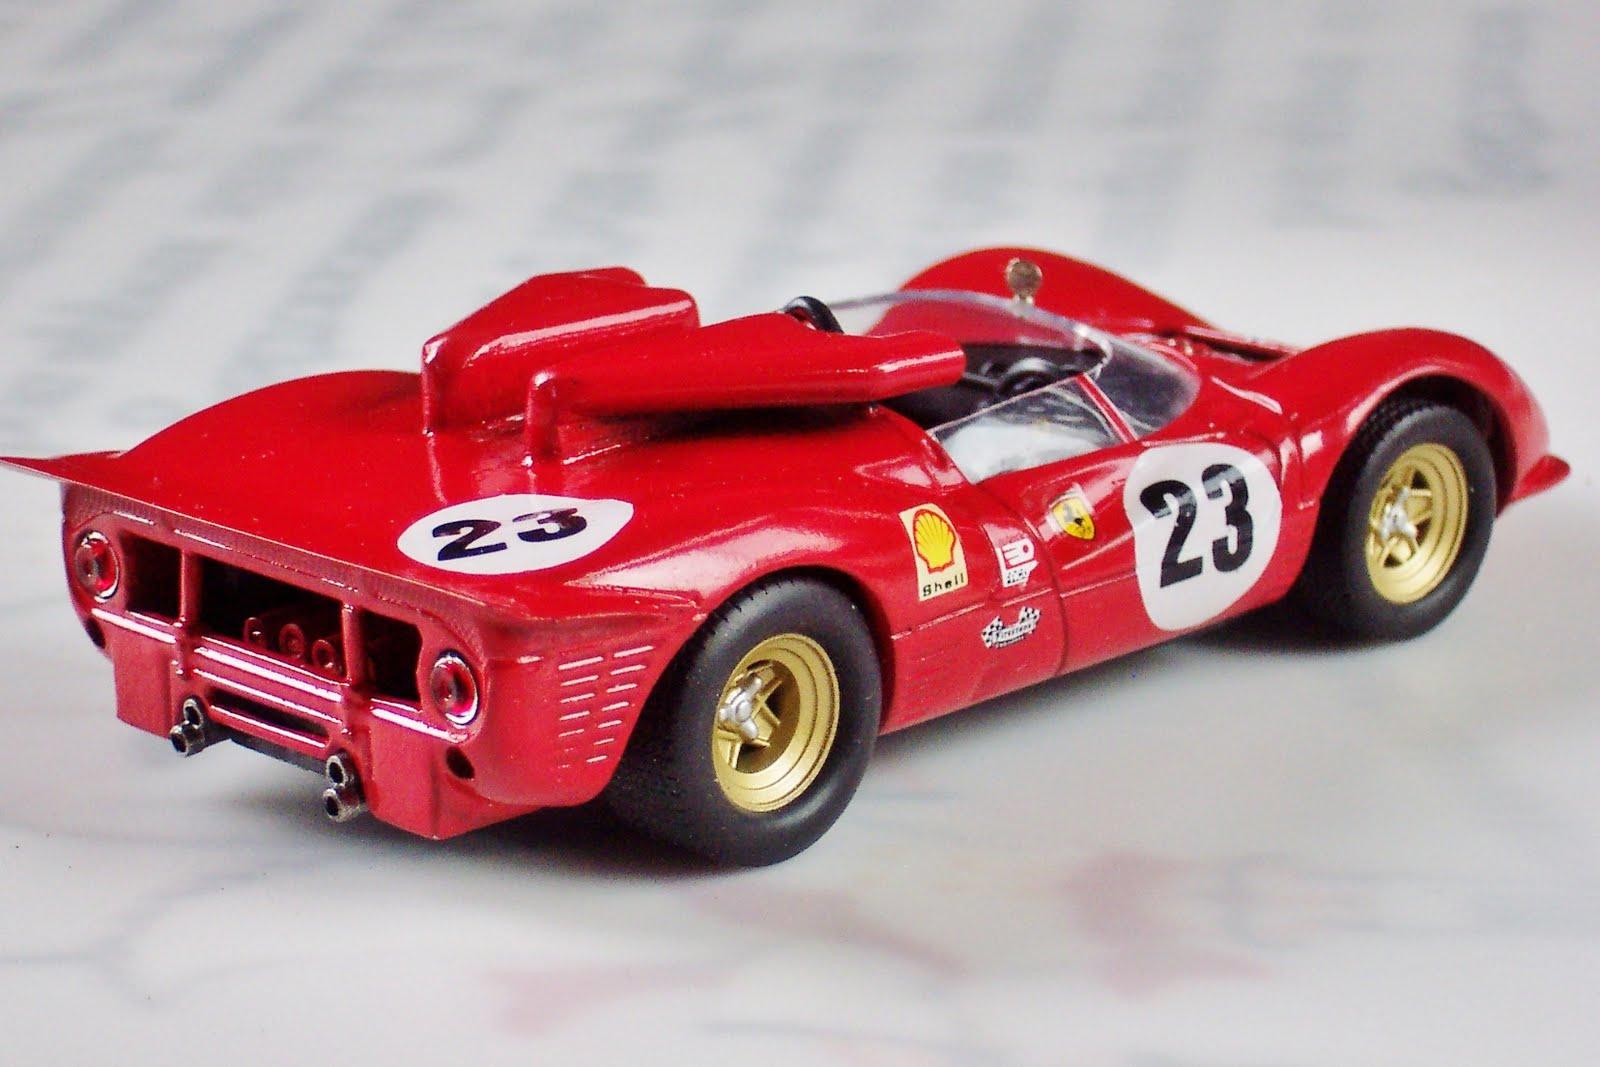 1 43 Canam And Usrrc Ferrari 350 P4